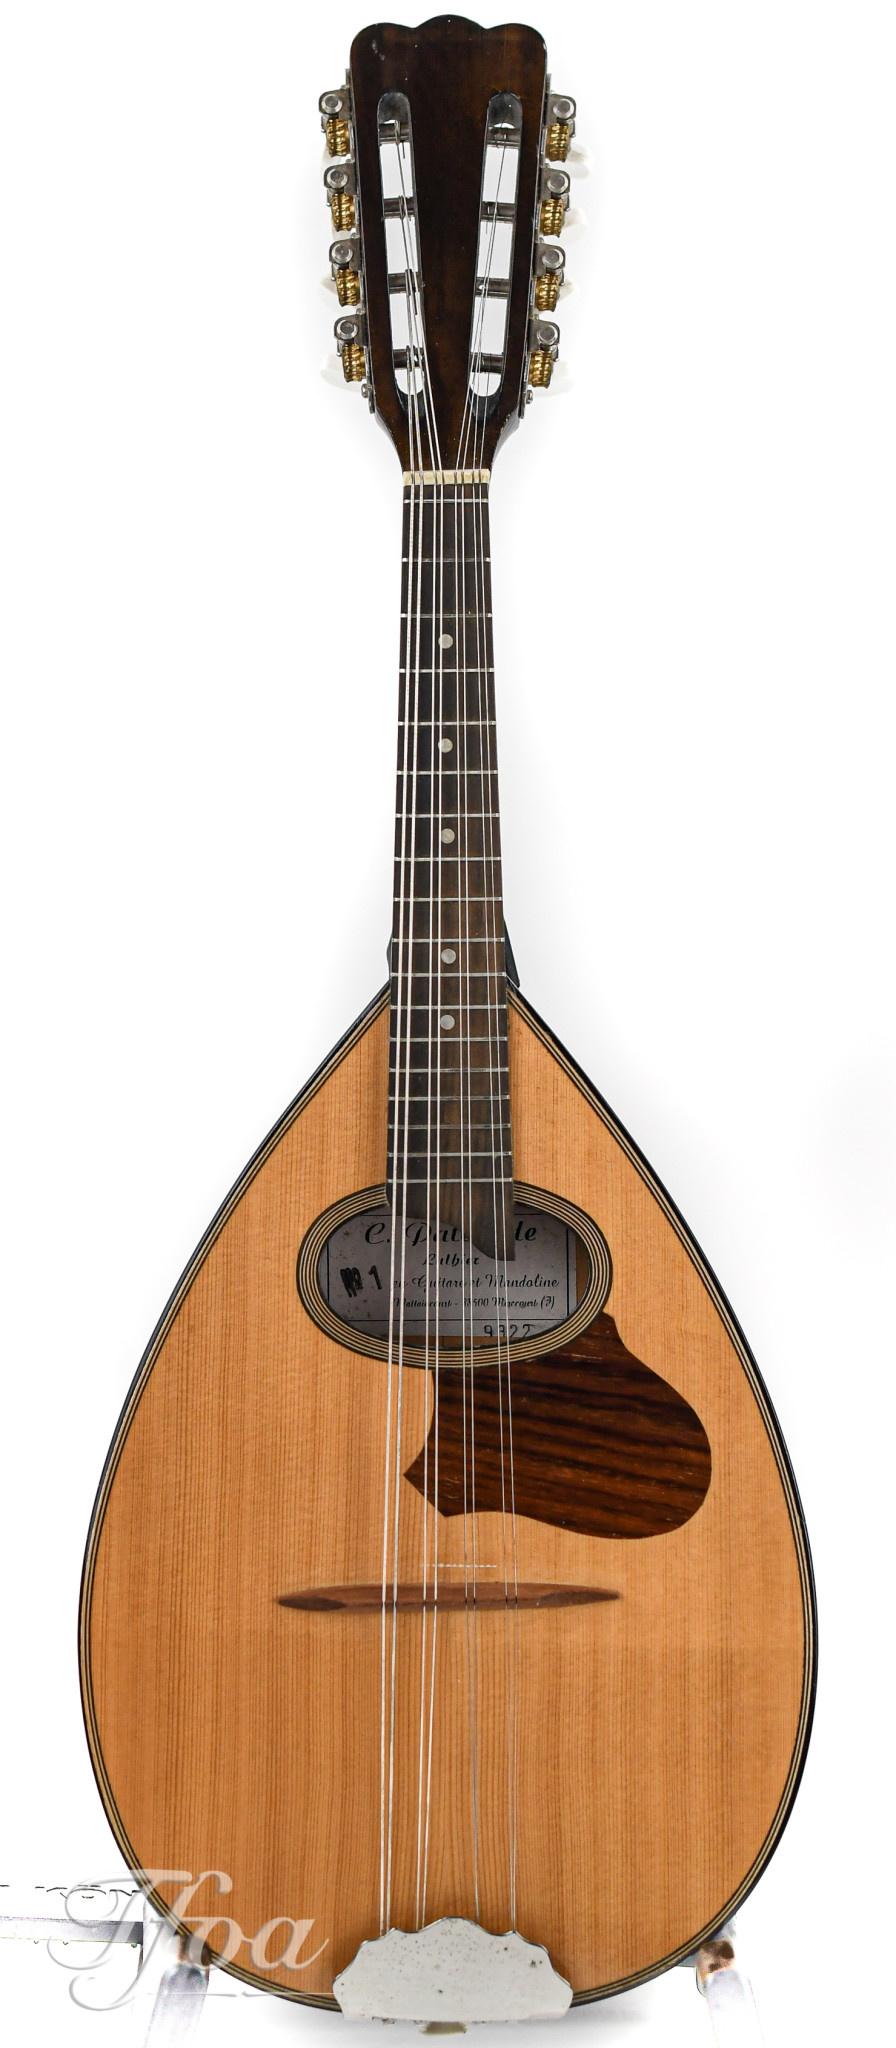 Claude Patenotte French mandolin 1990s